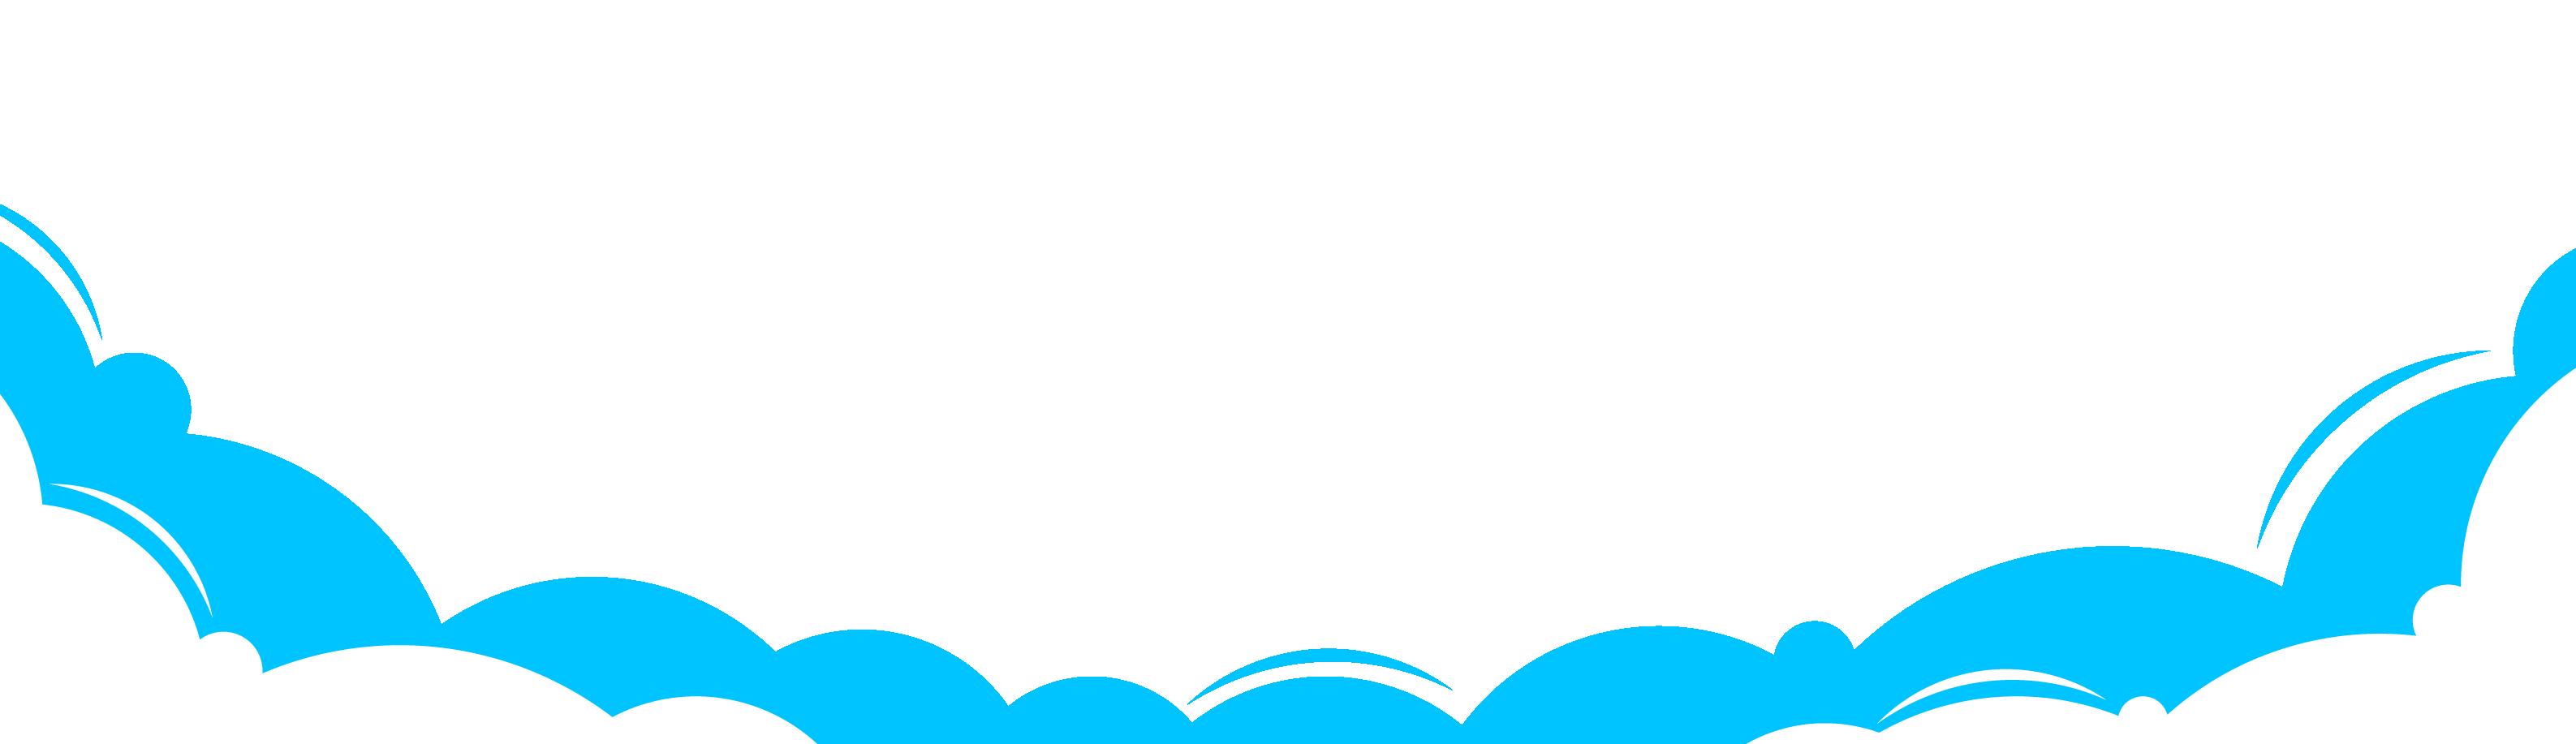 Cloud border png. Vector cartoon blue clouds